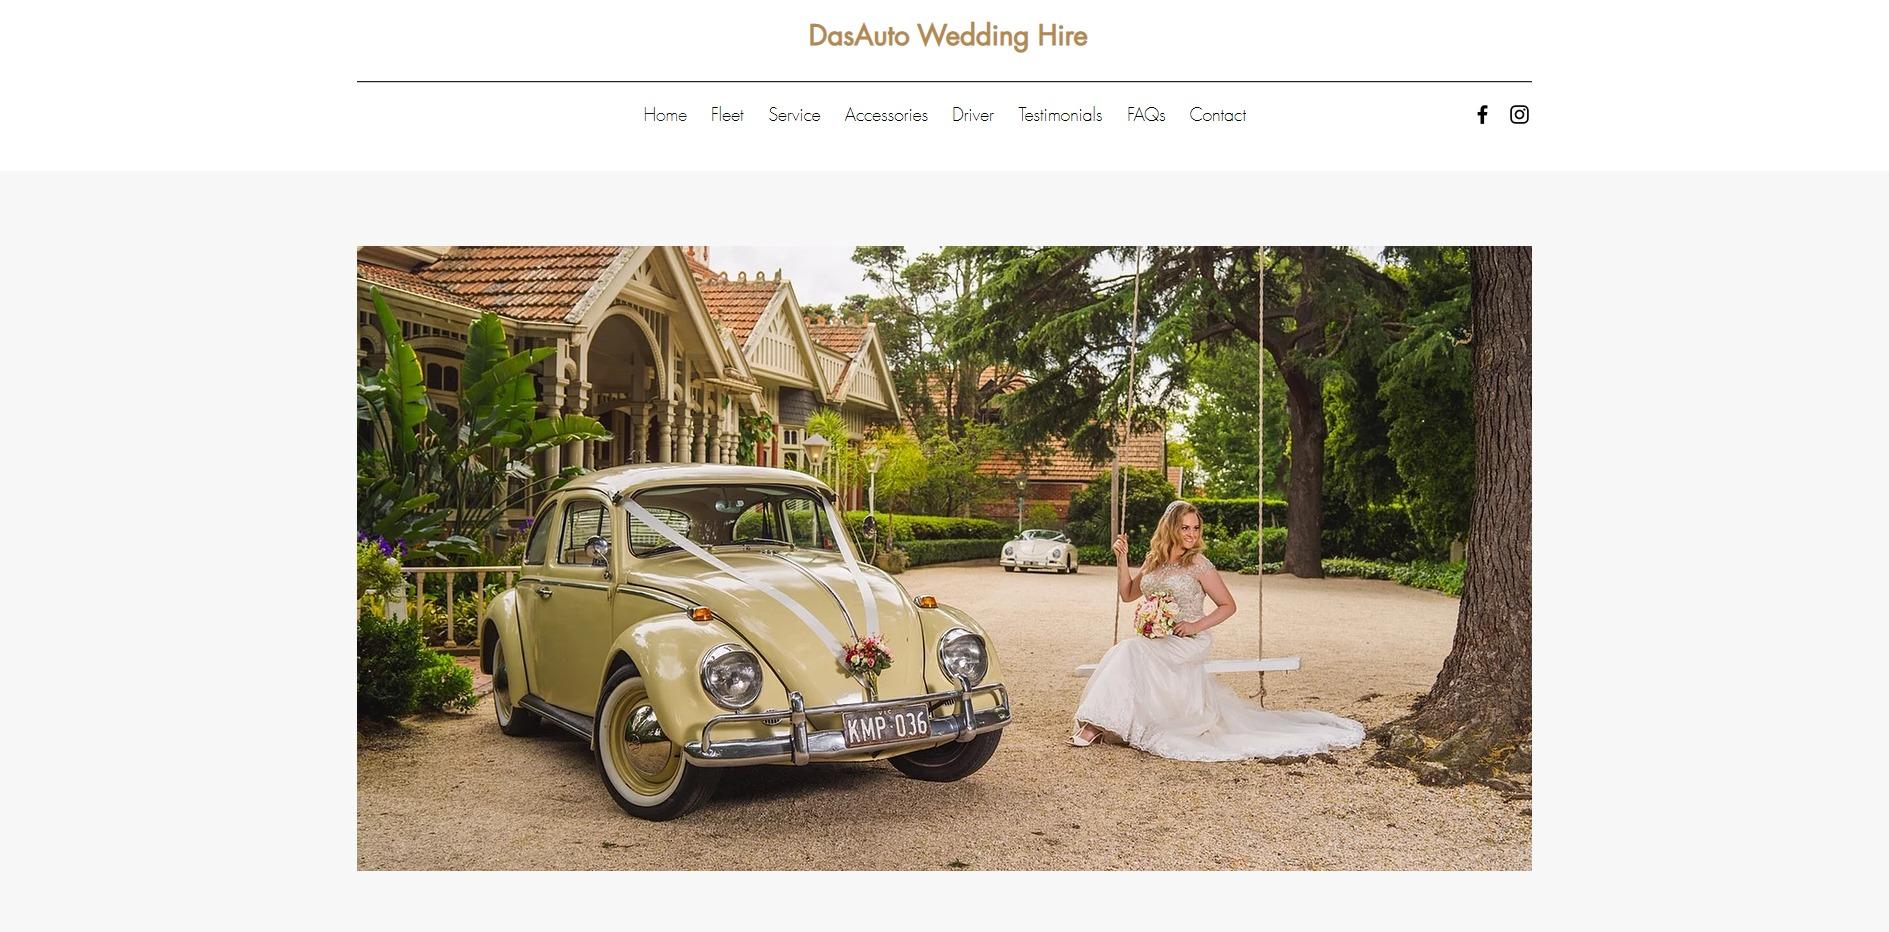 Dasauto Wedding Hire